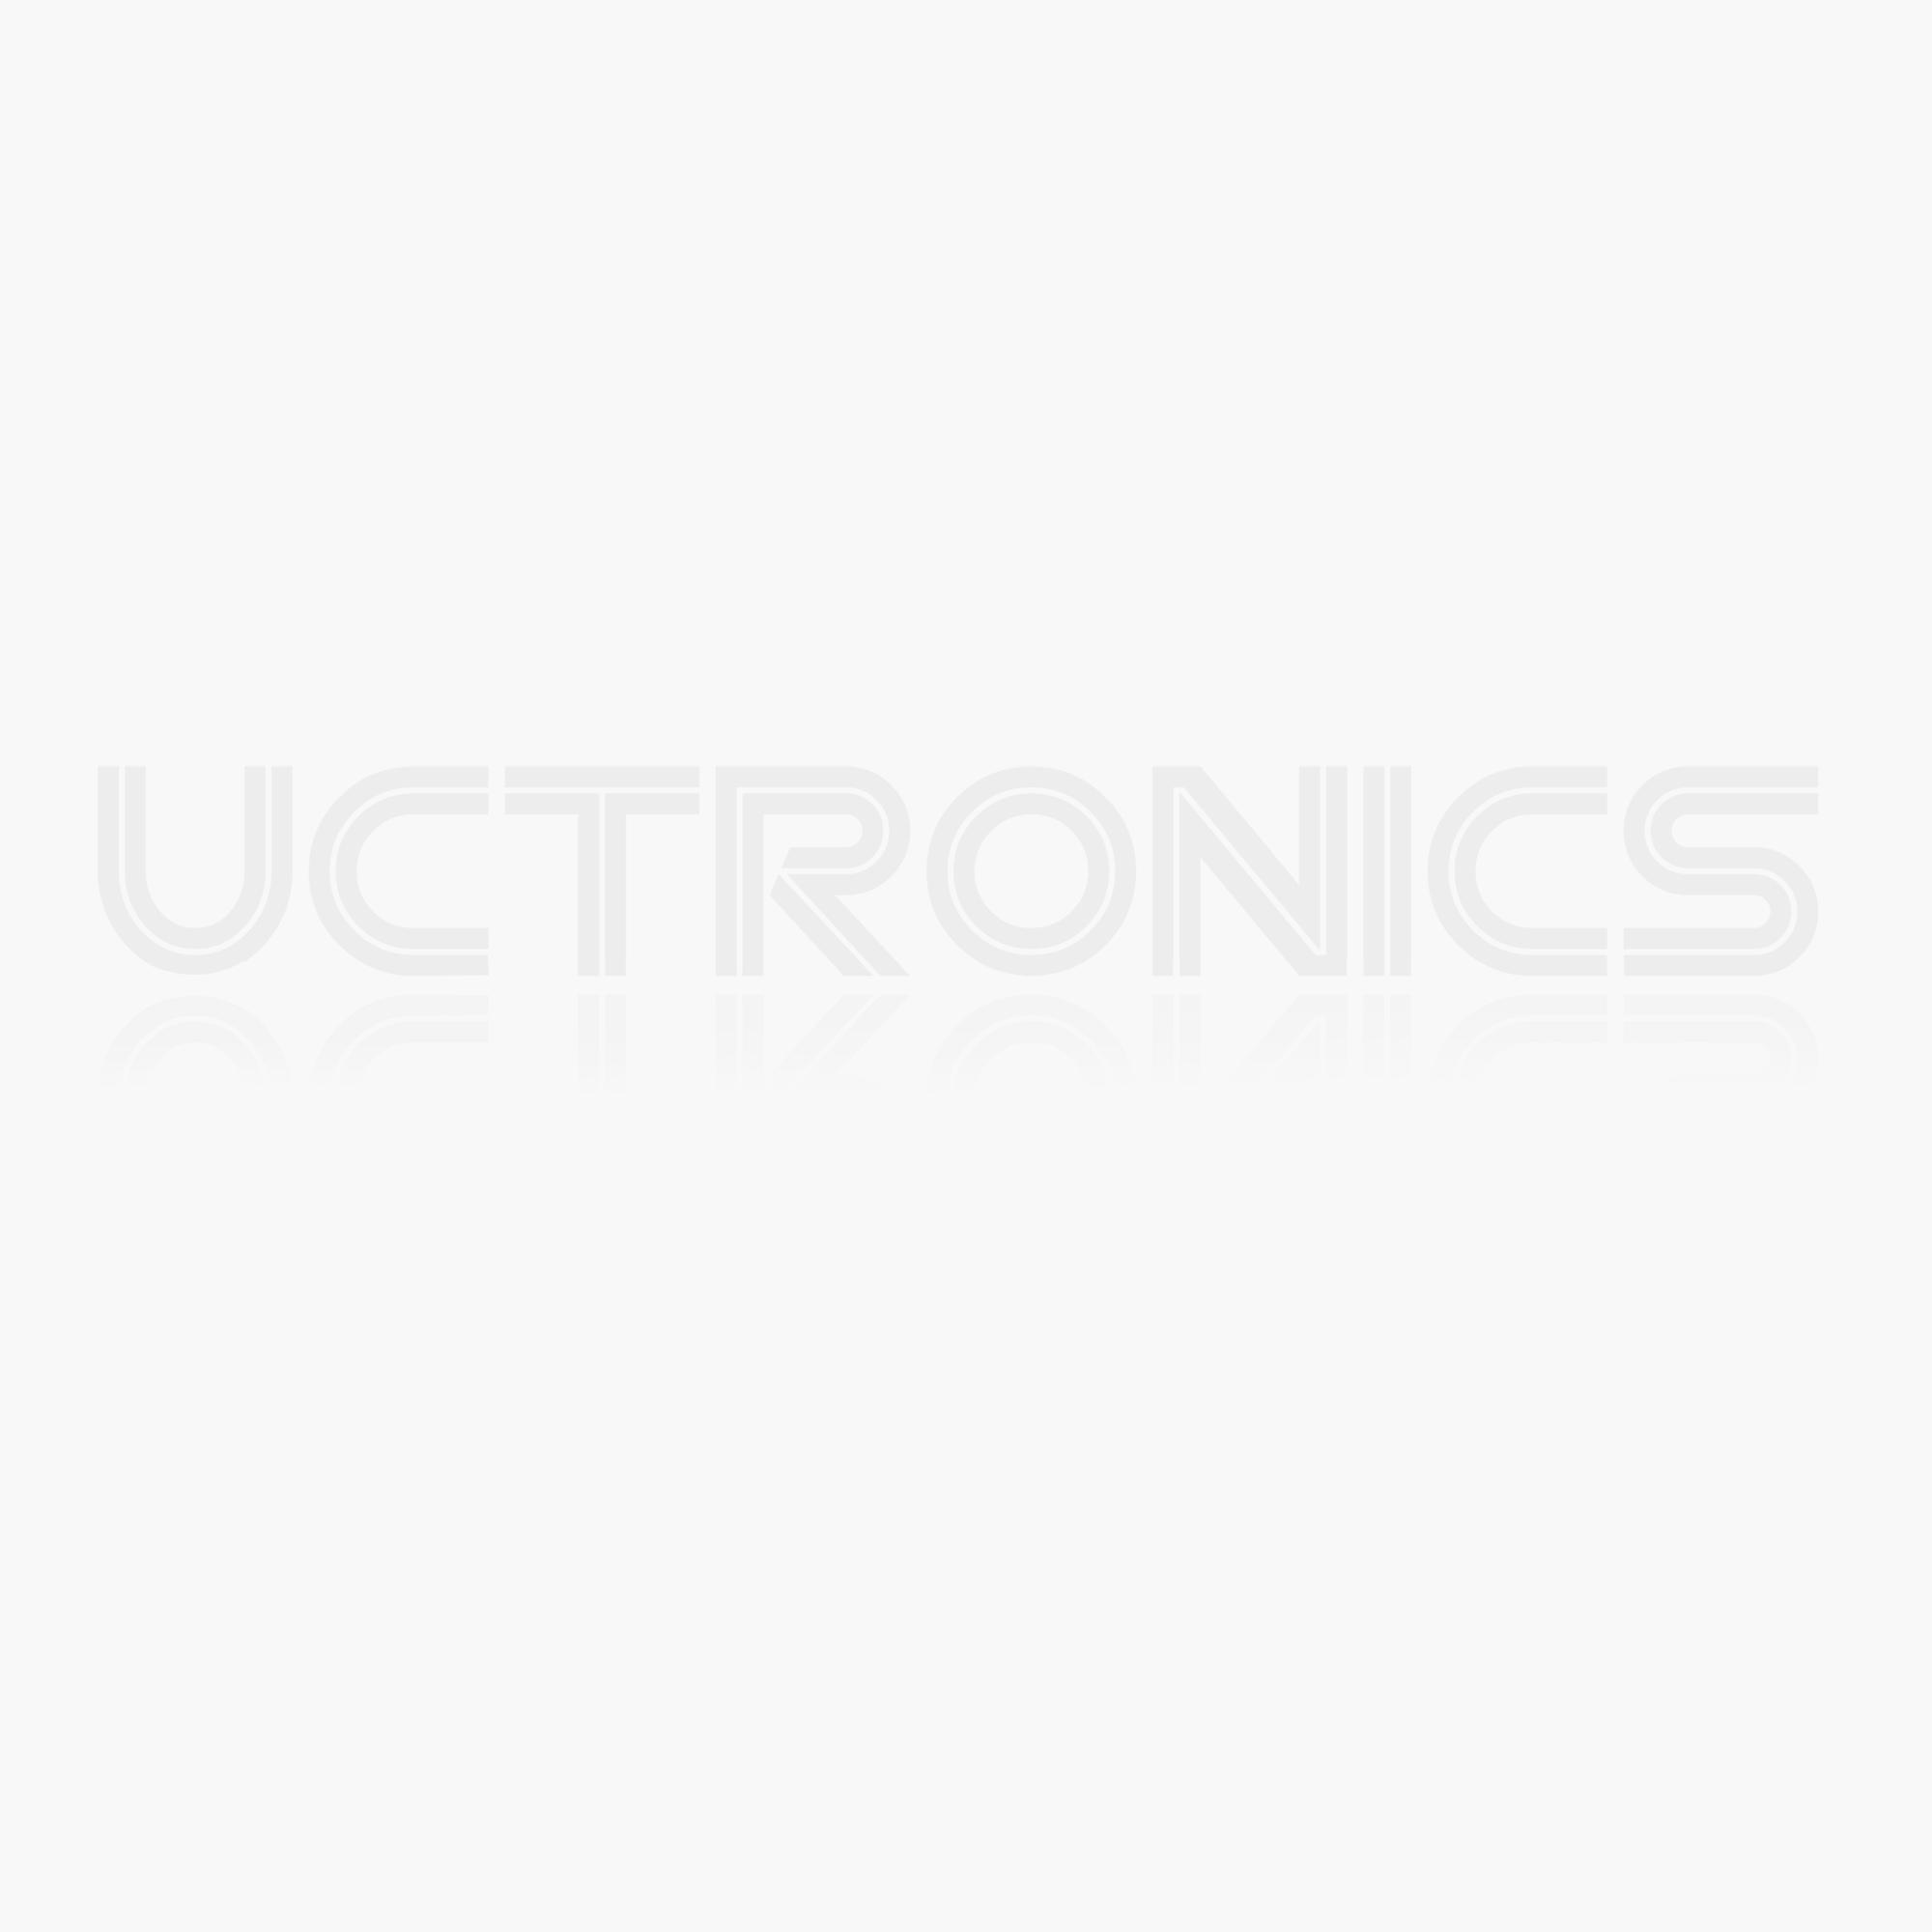 DC 0-100V Digital Panel Voltage LED Meter - Blue